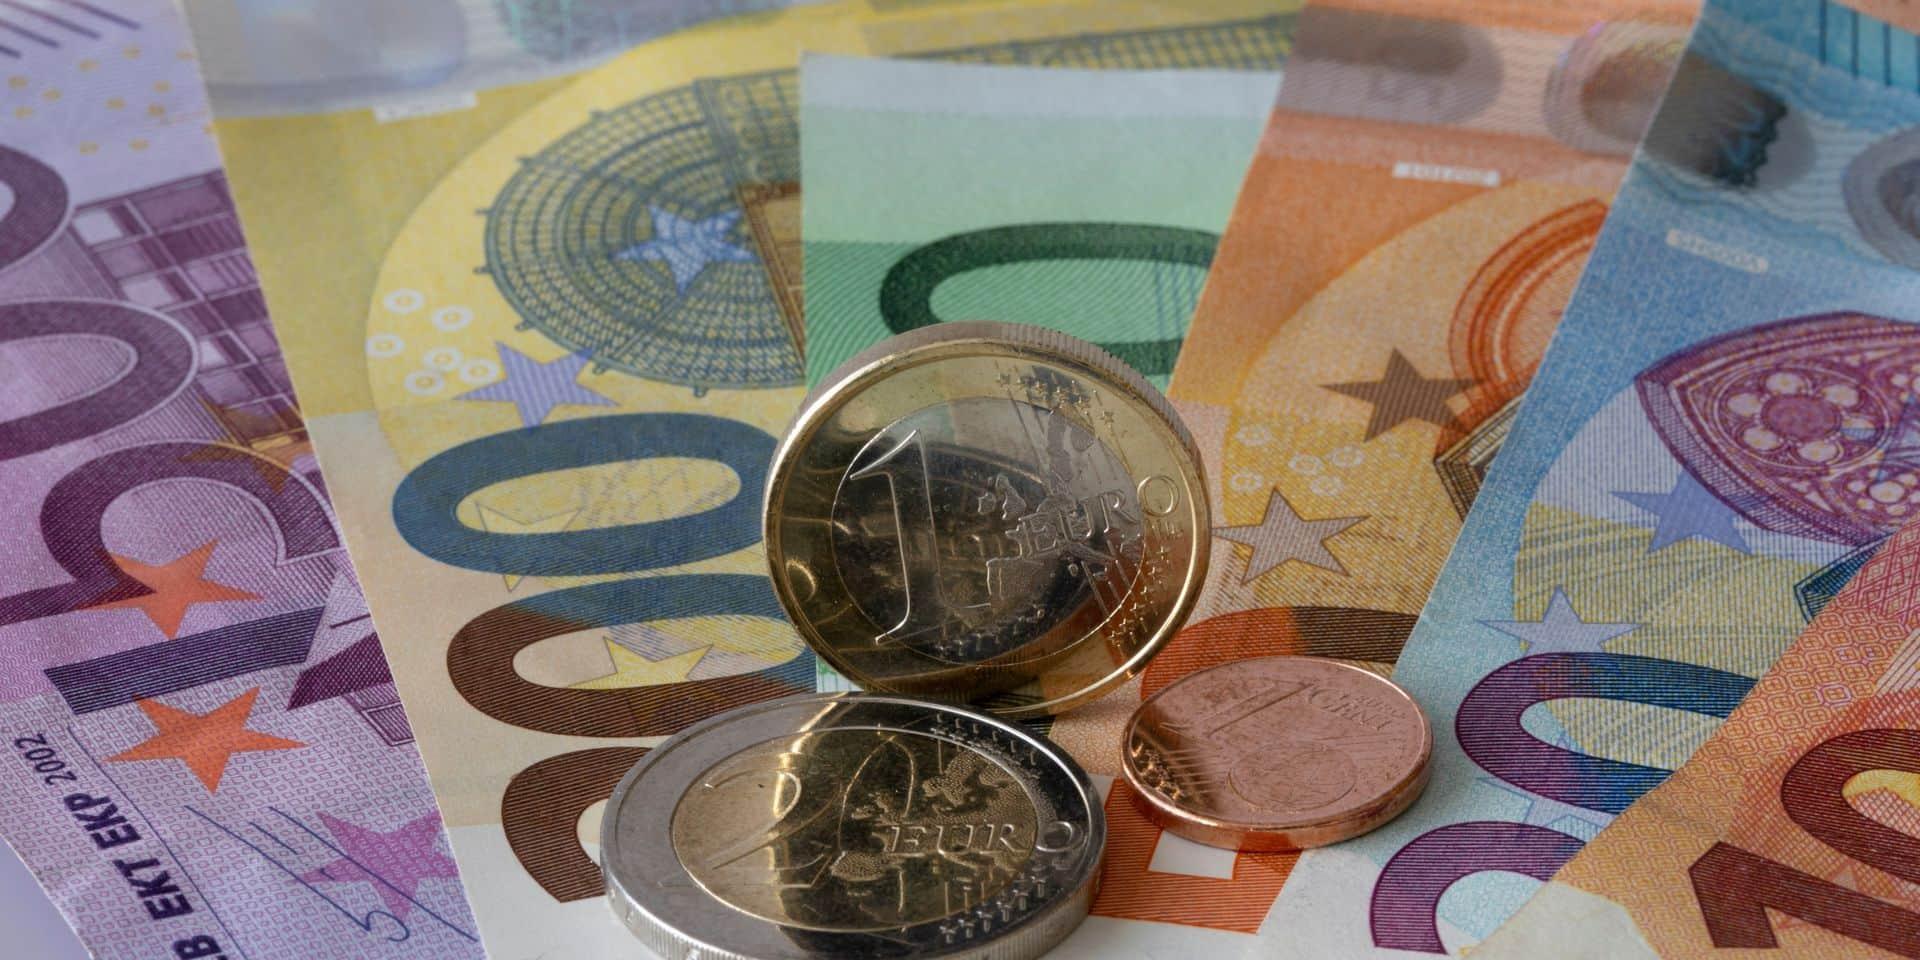 L'Assistant Pension, l'aide à l'optimalisation fiscale des indépendants